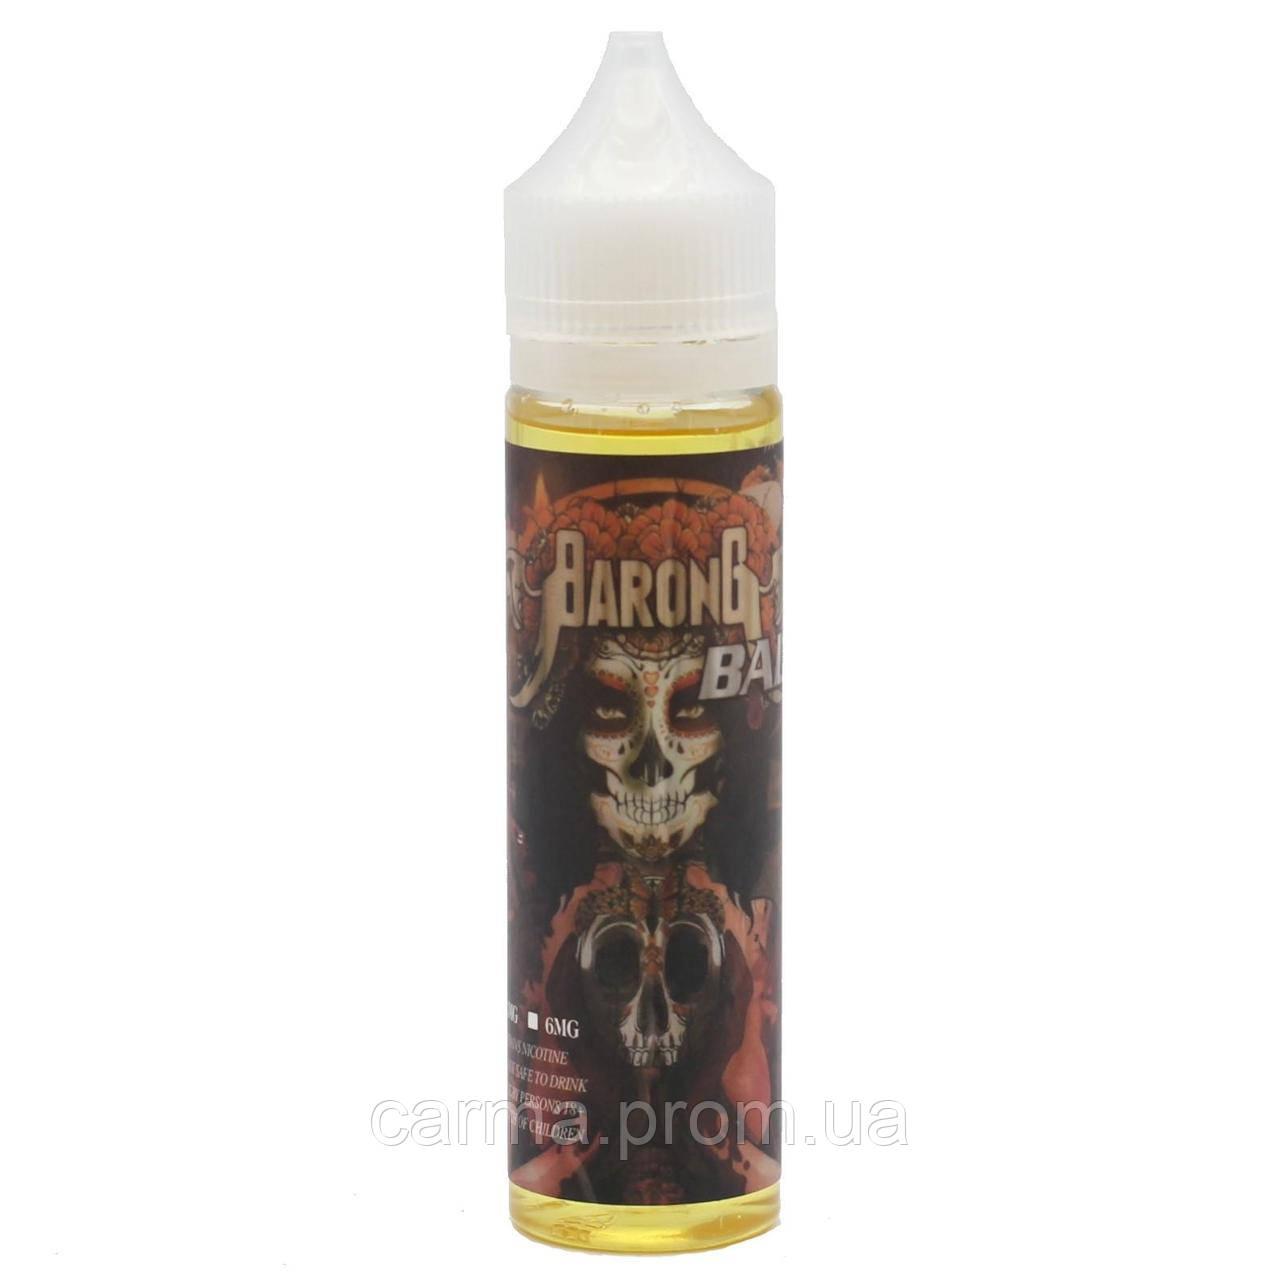 Жидкость для электронных сигарет с никотином Sumber 3мг 60мл сочетание персика и малазийского манго